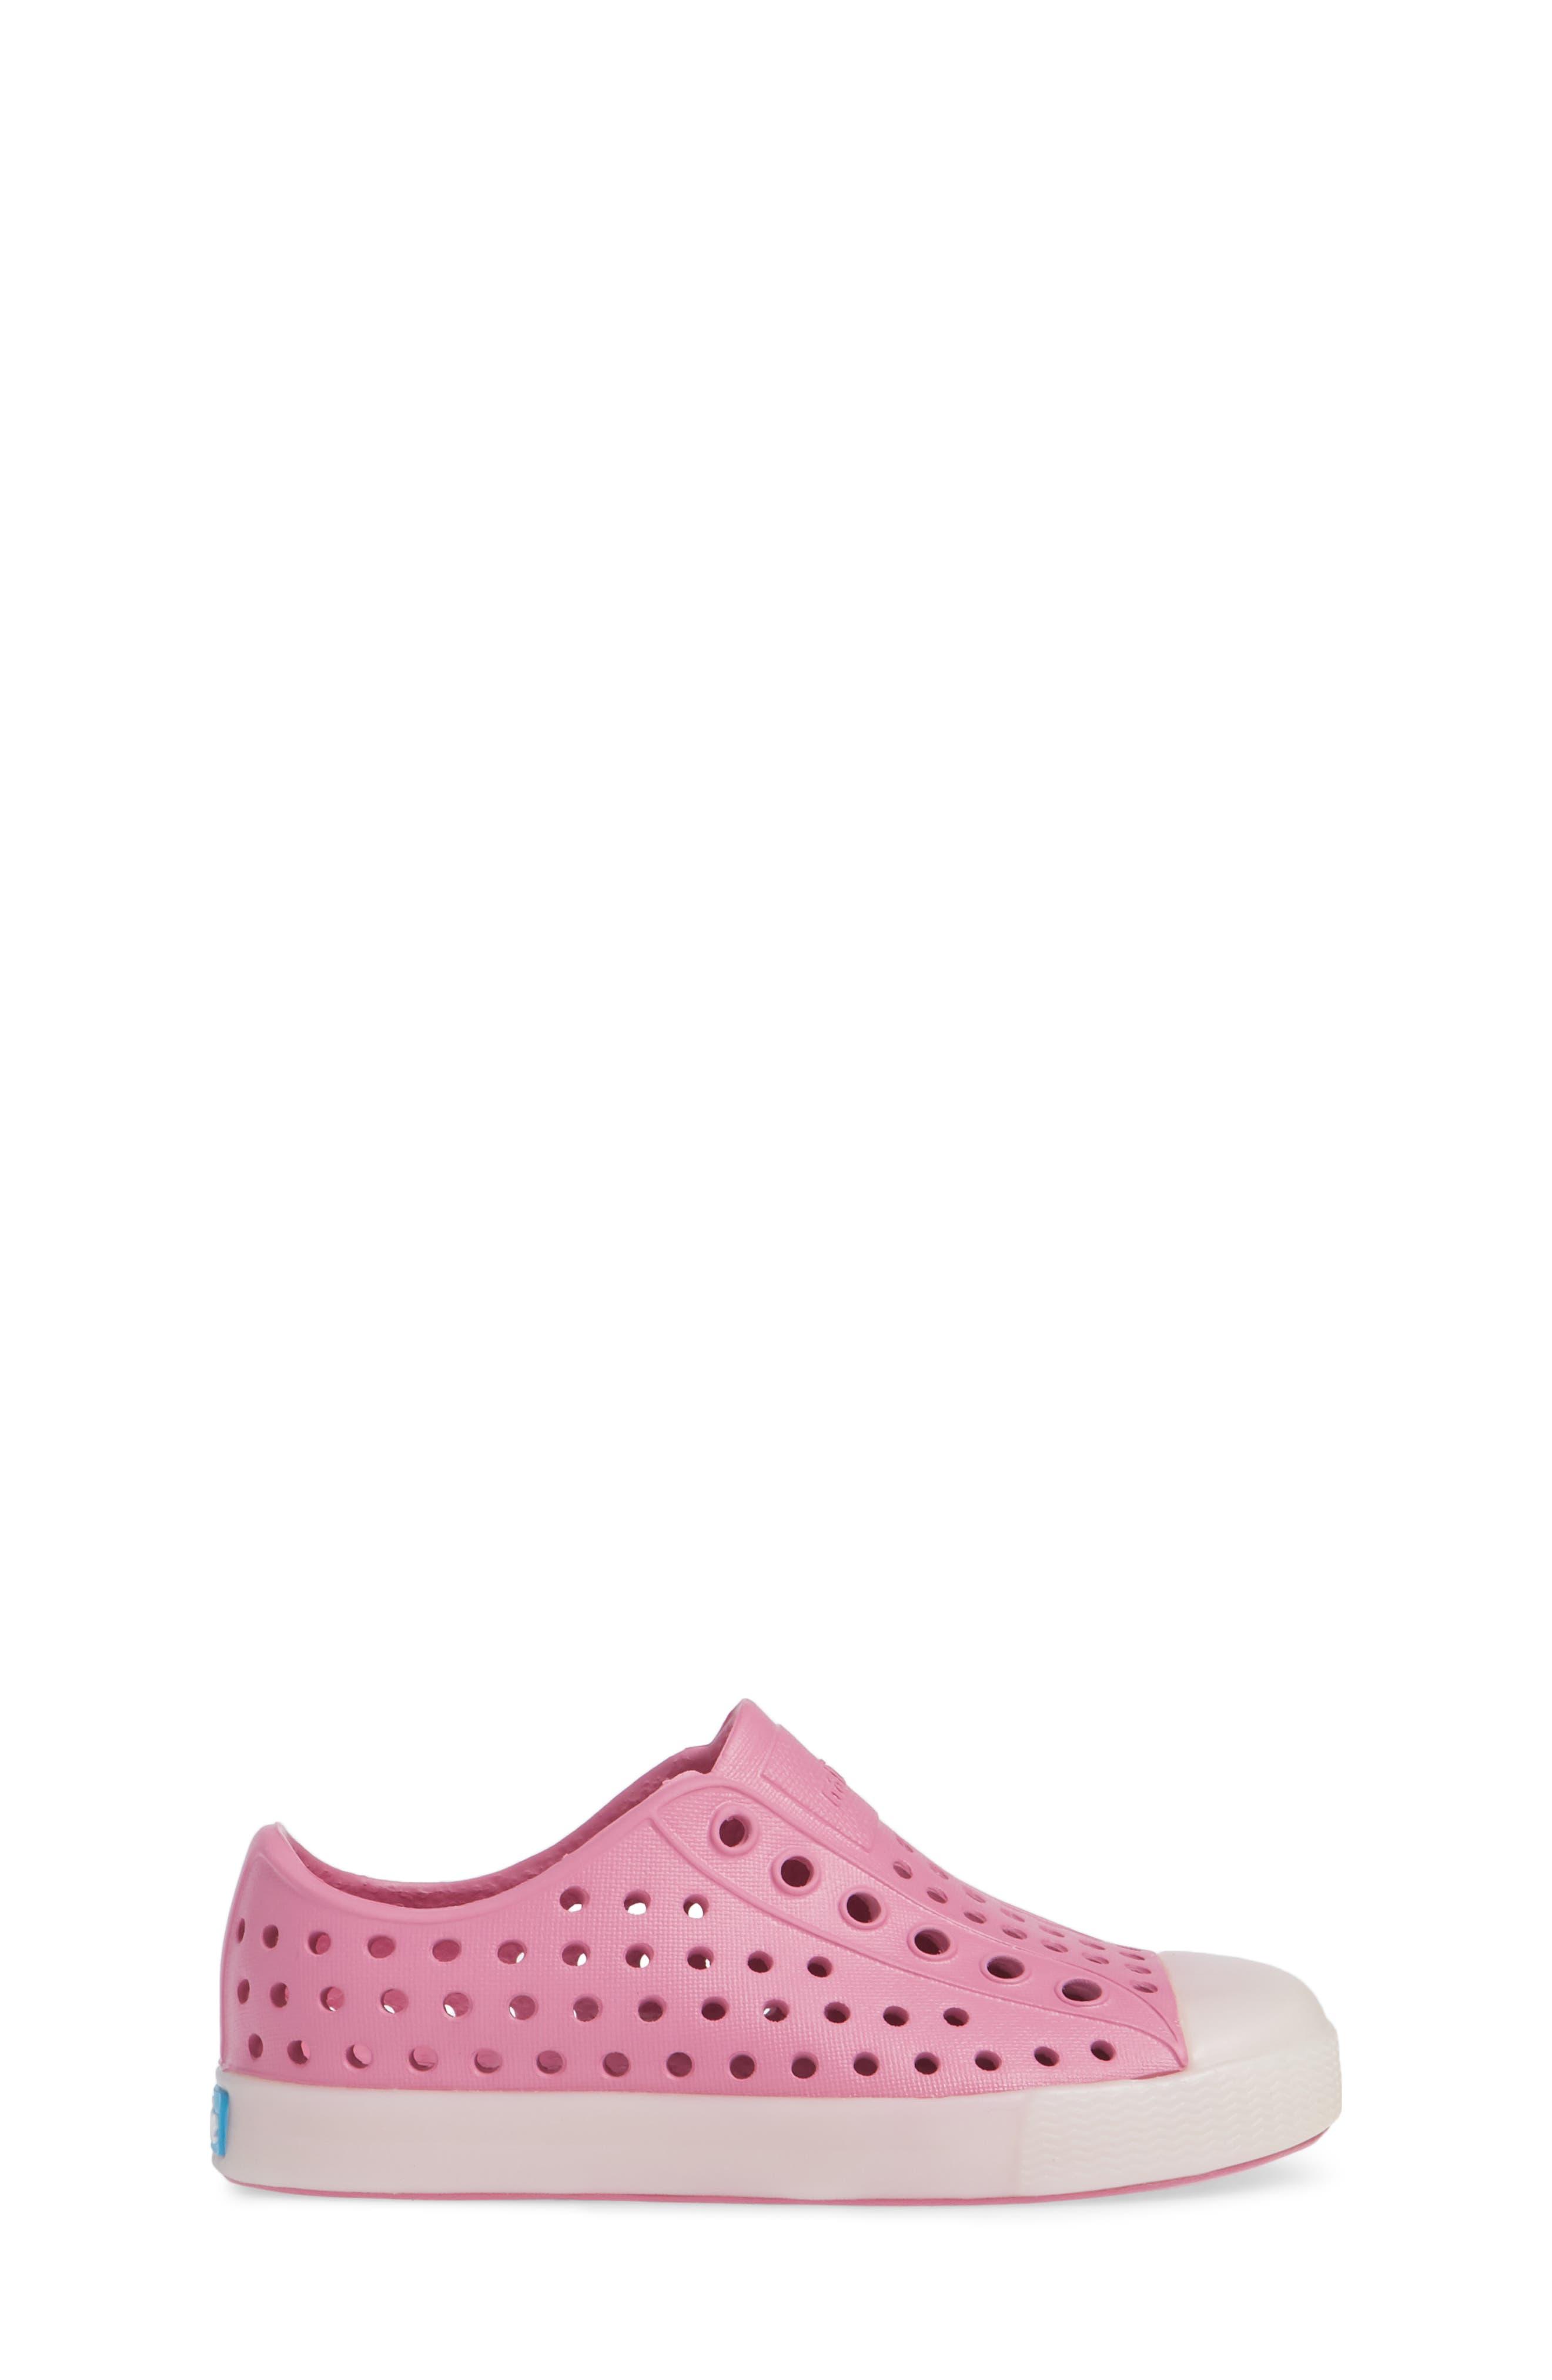 Jefferson - Glow in the Dark Sneaker,                             Alternate thumbnail 3, color,                             Woodward Pink/ Glow